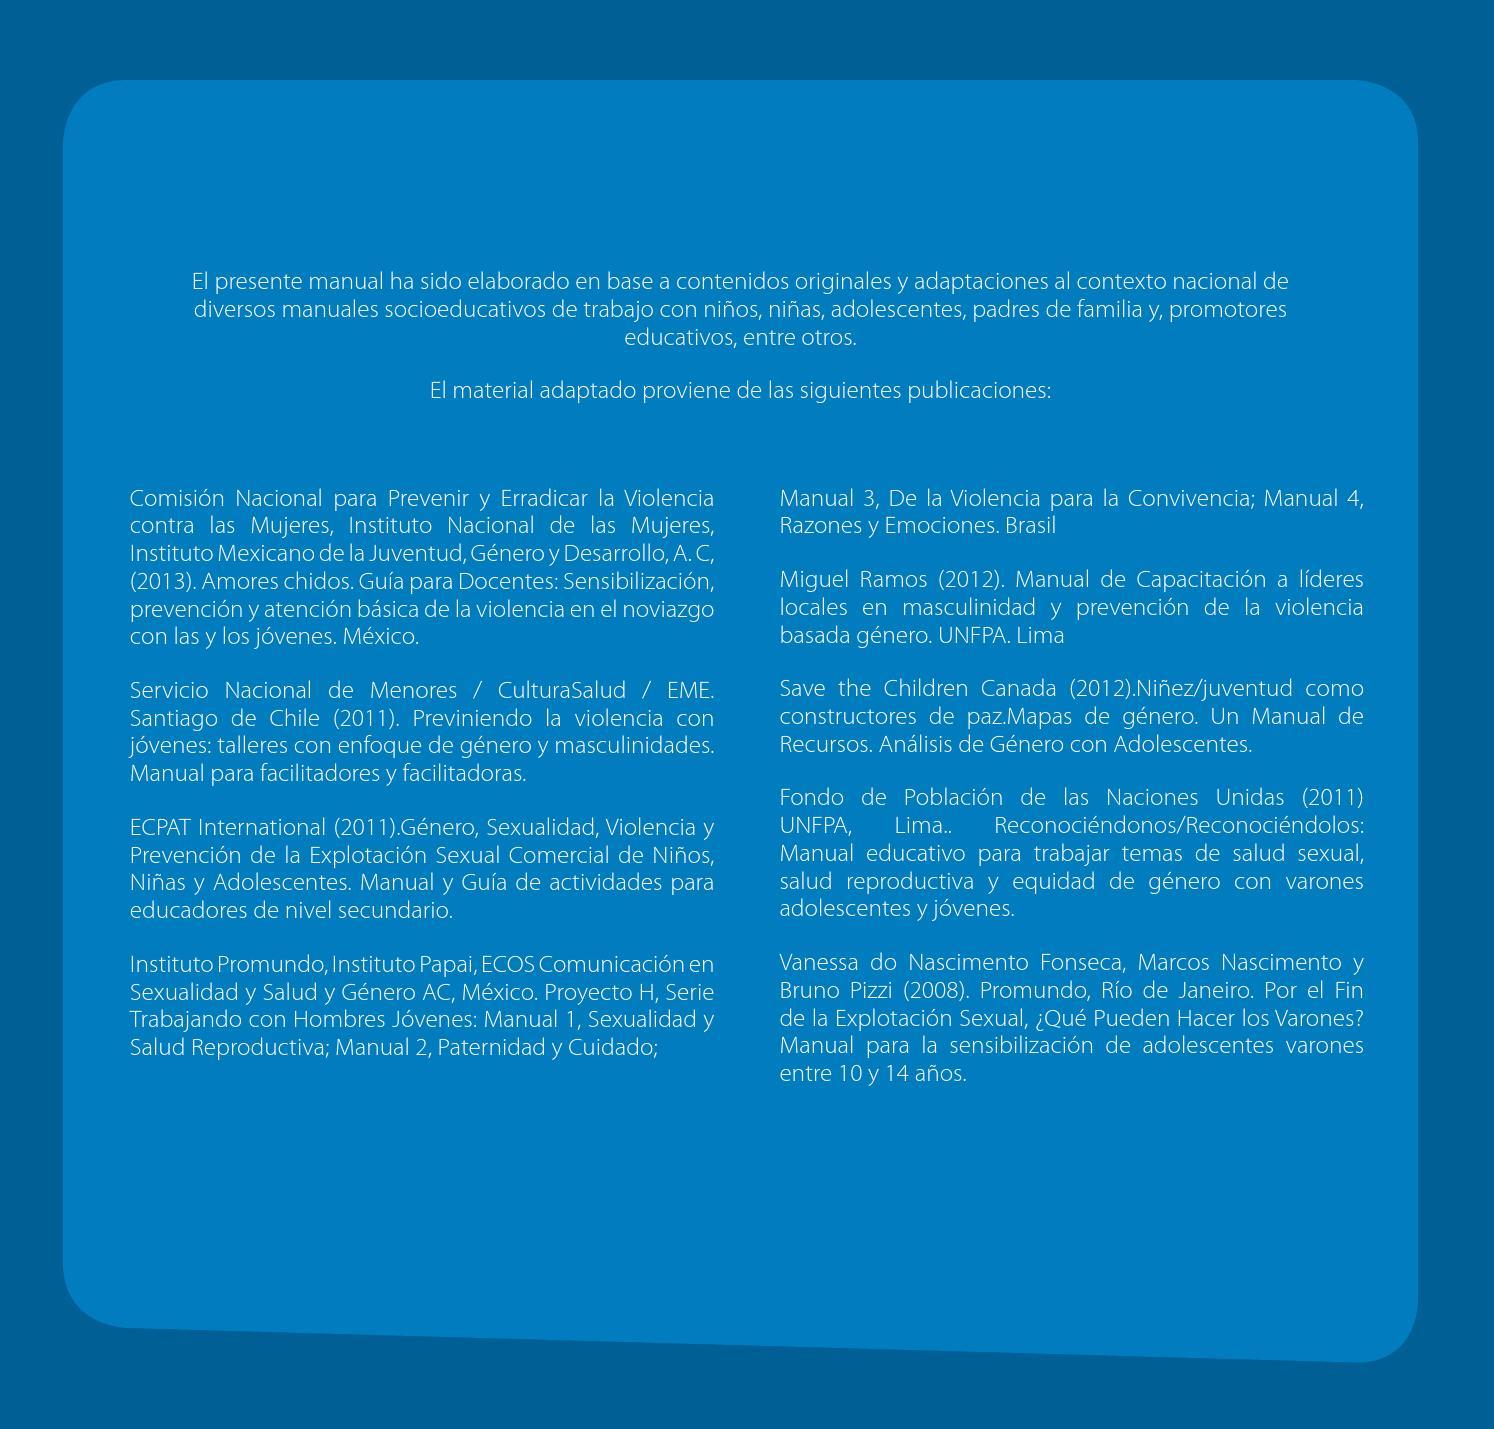 Construyendo Relaciones Igualitarias Para Prevenir La Violencia By